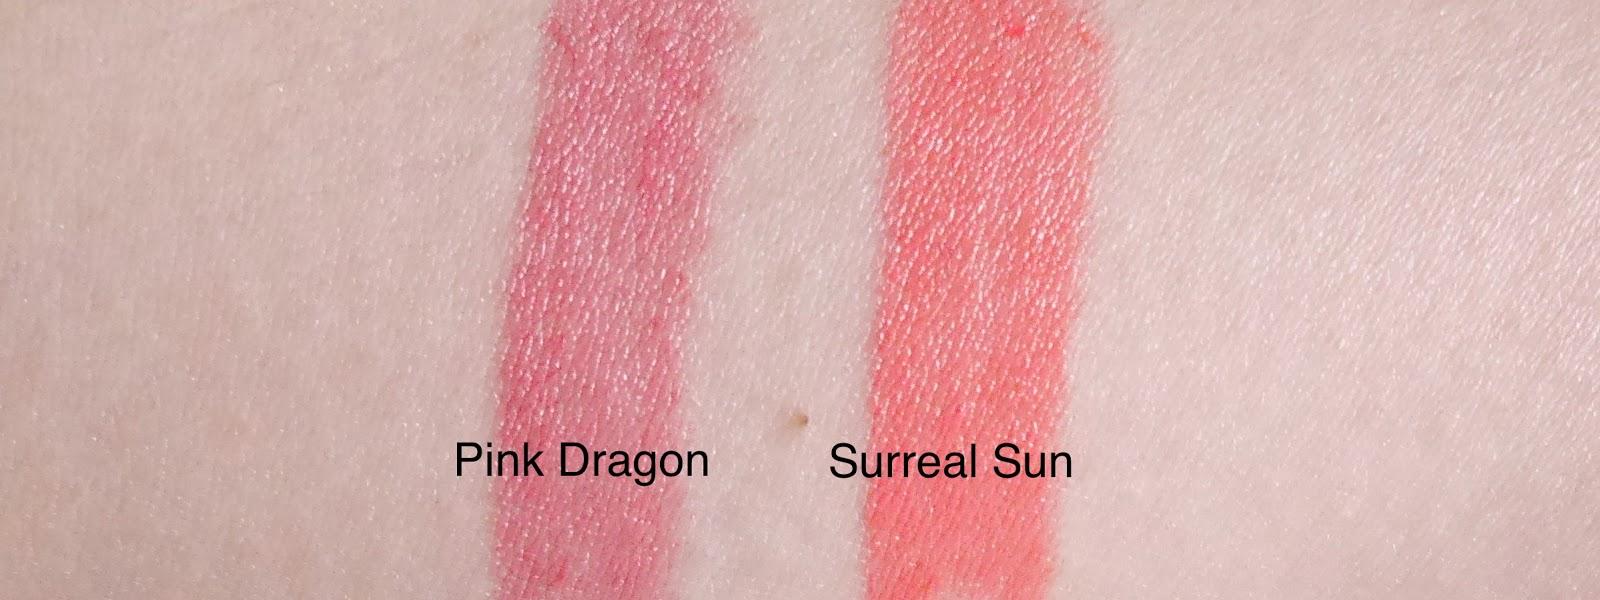 estee lauder pure color envy shine pink dragon surreal sun swatch review